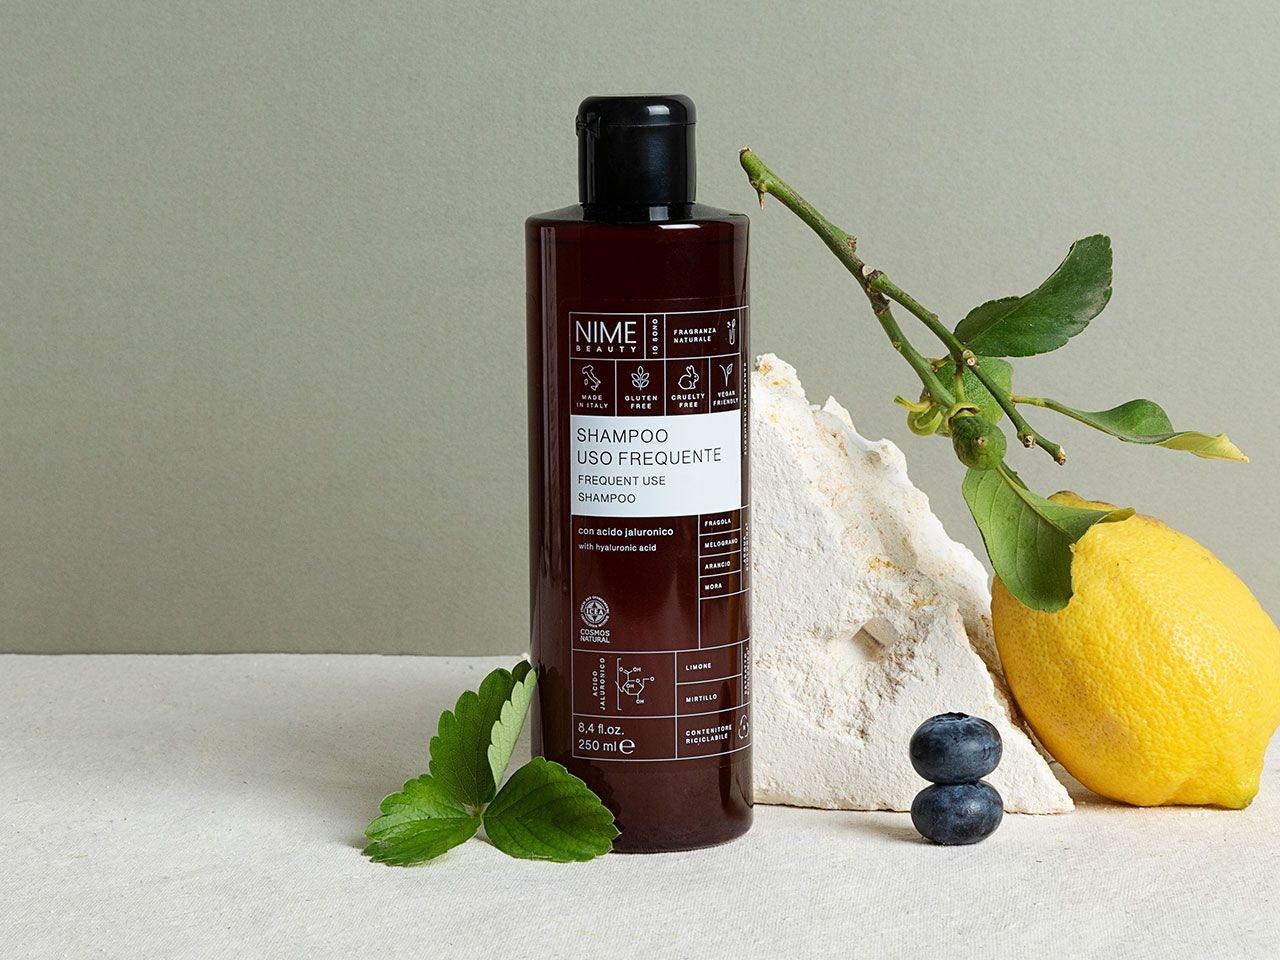 Shampoo Uso Frequente con acido jaluronico - v3